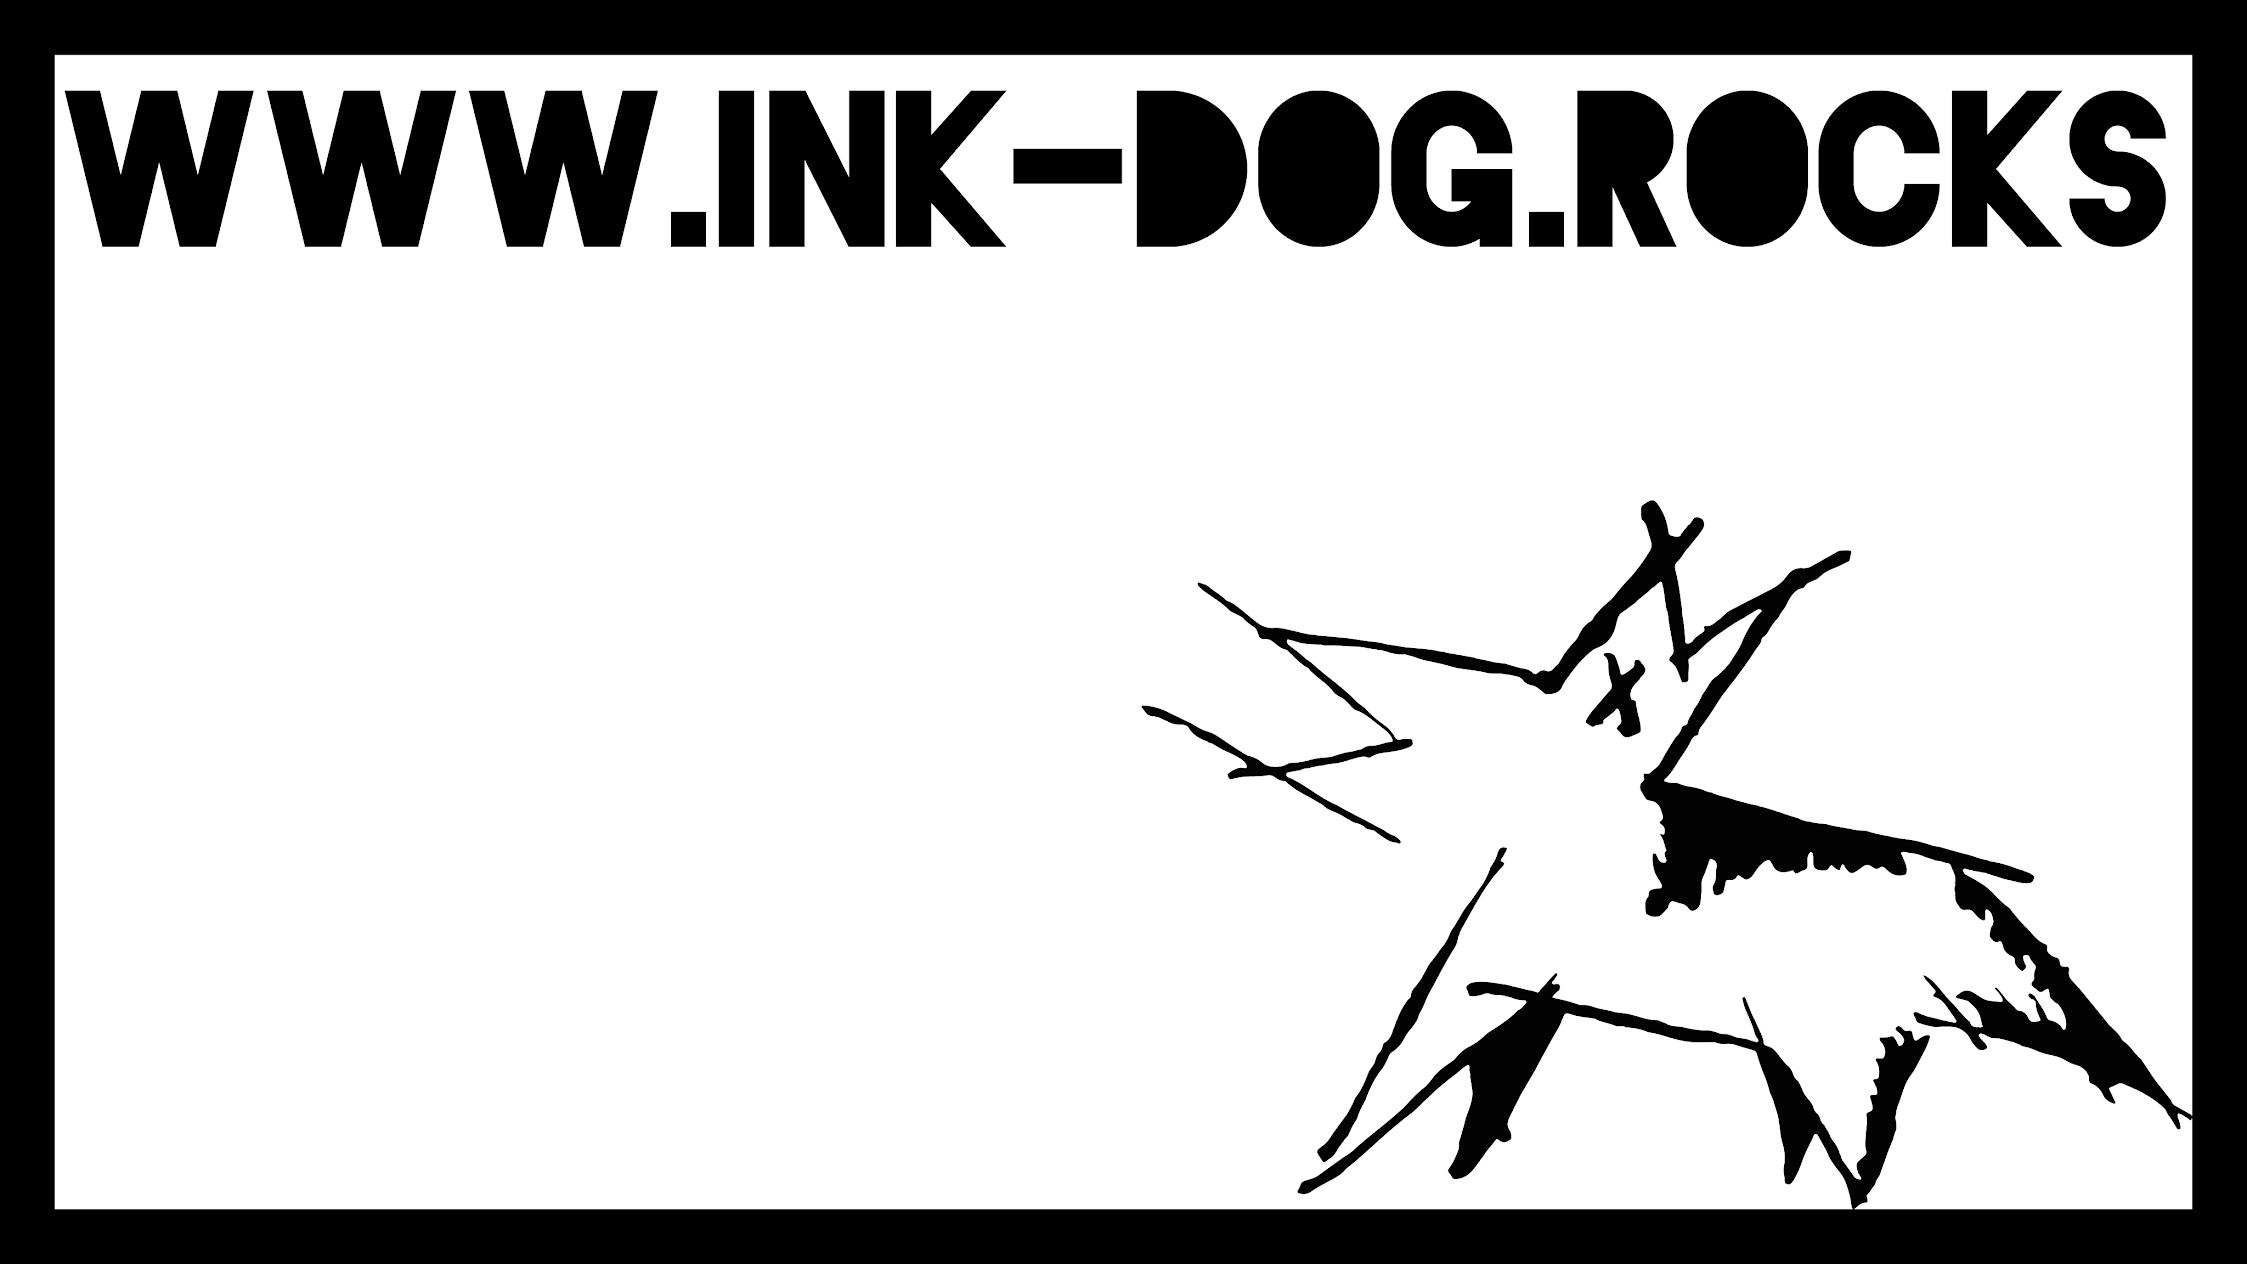 Ink-Dog